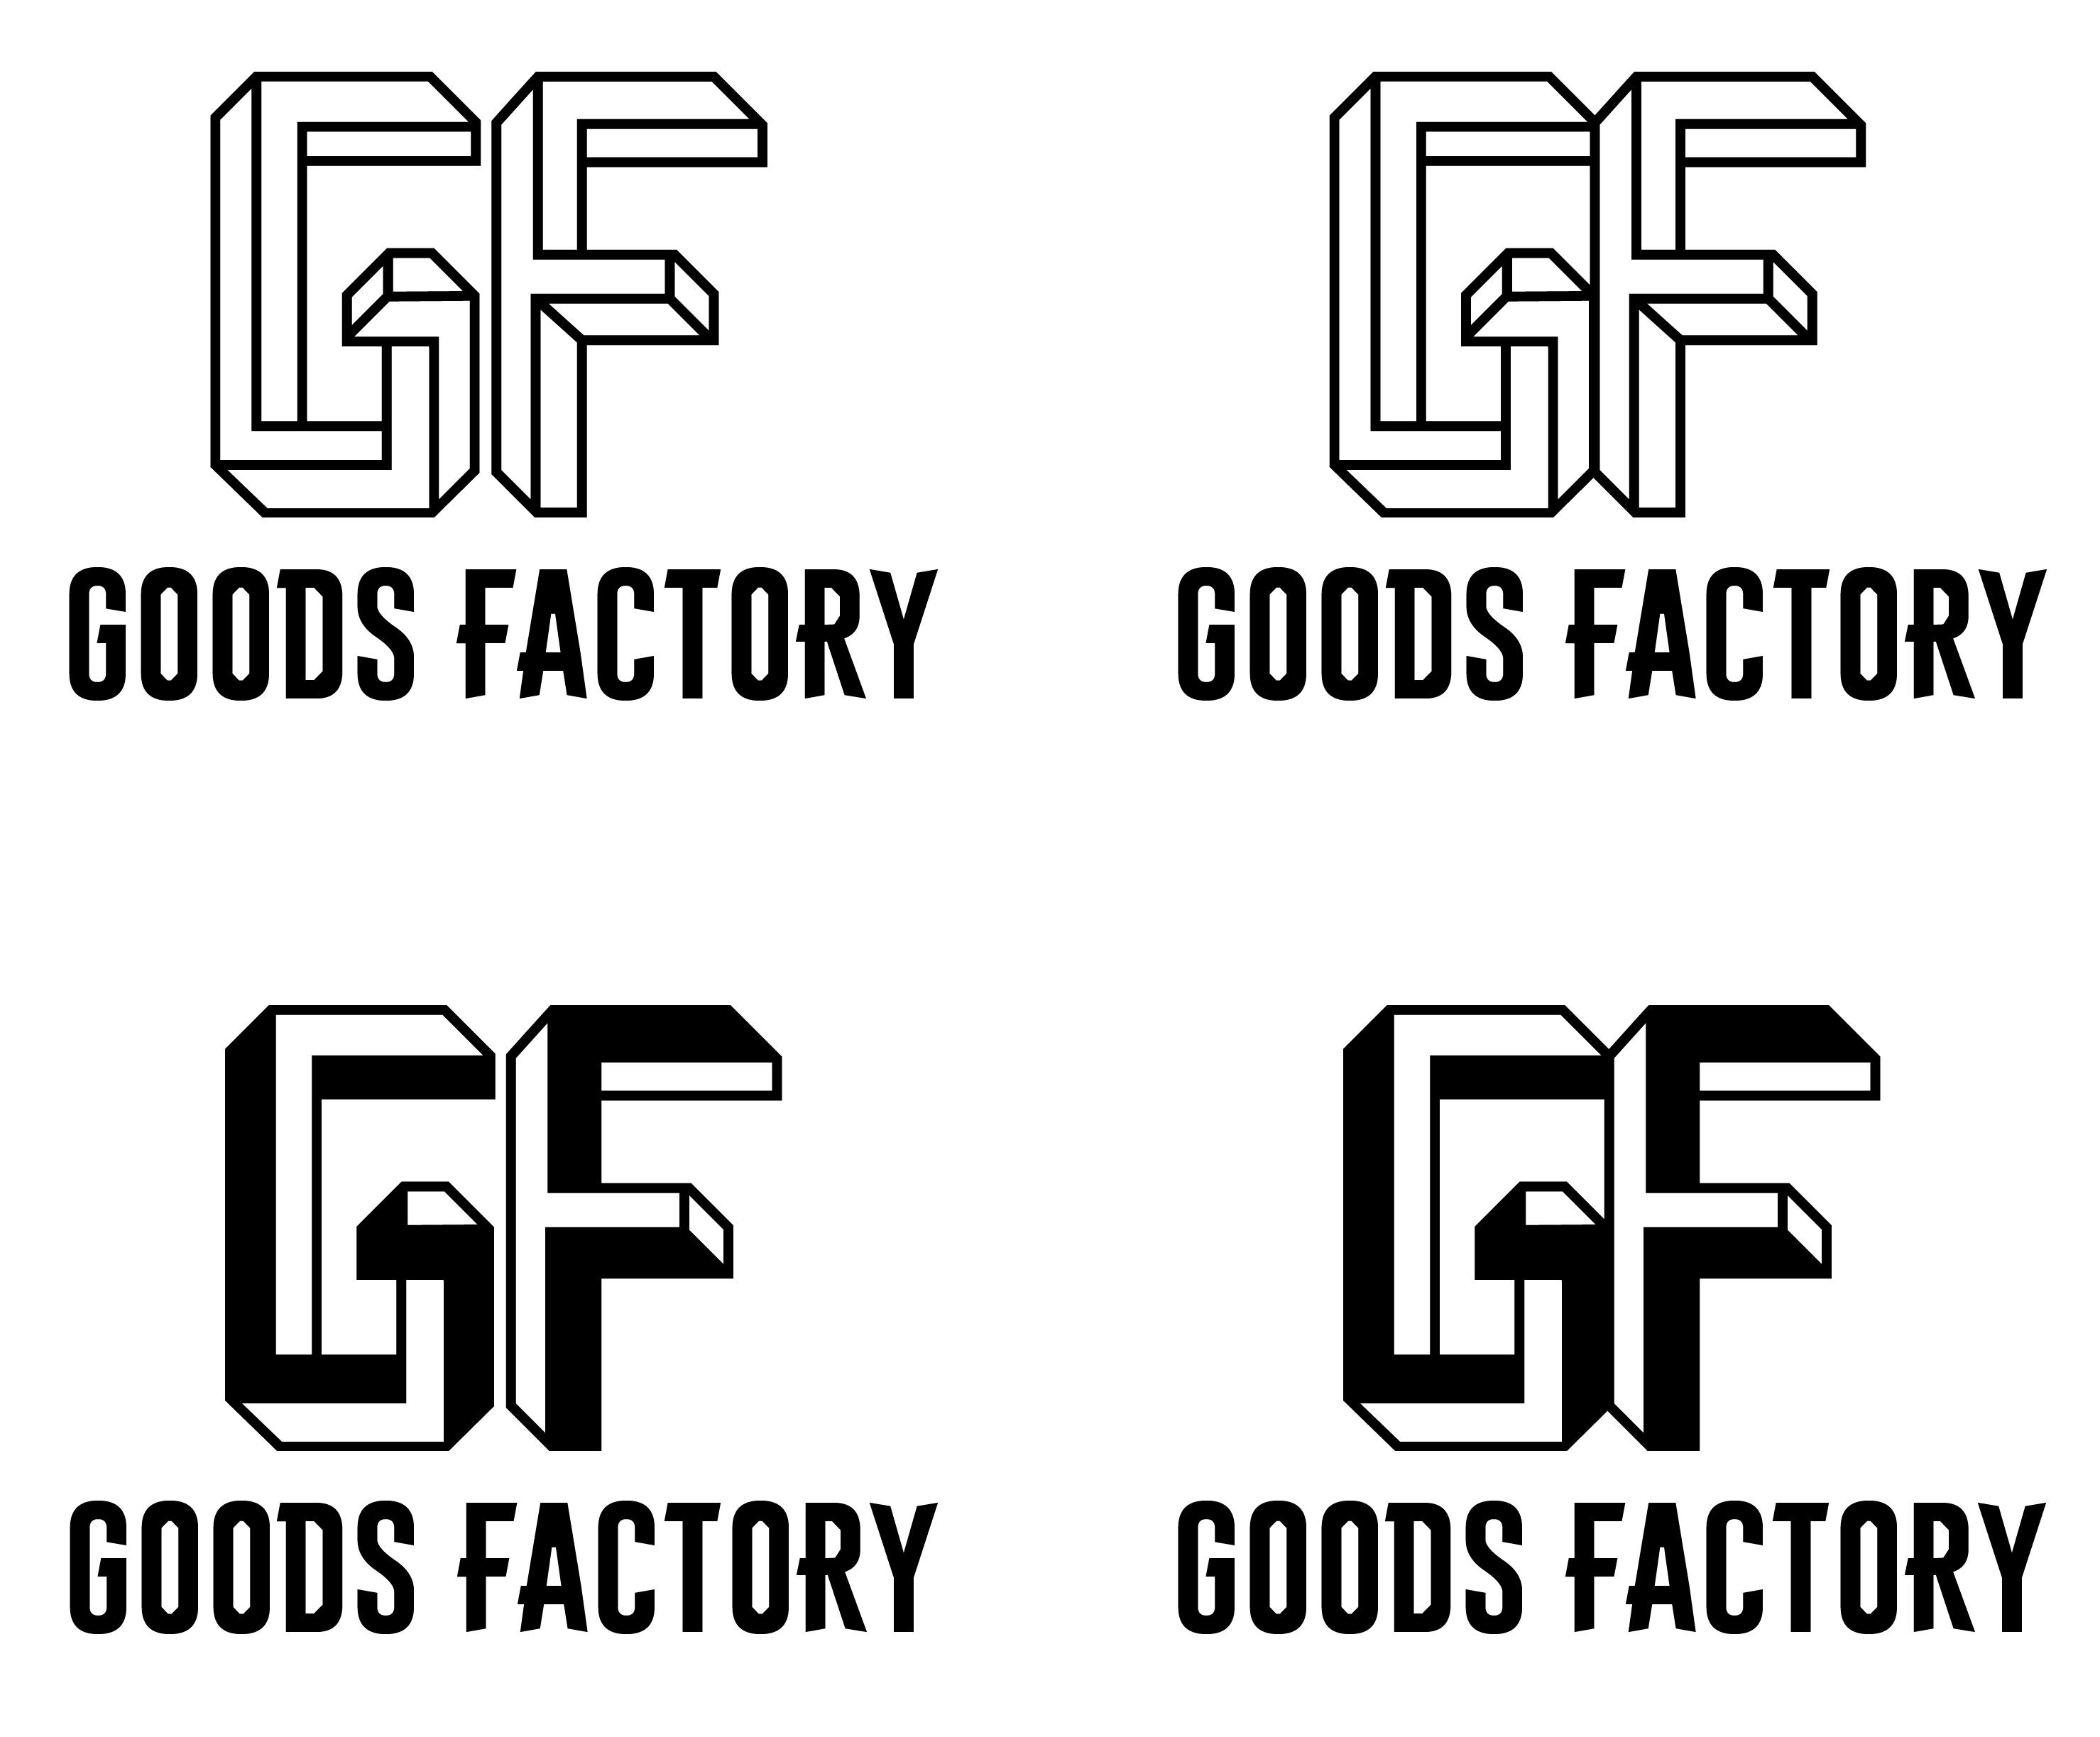 Разработка логотипа компании фото f_6565964dab01b705.jpg